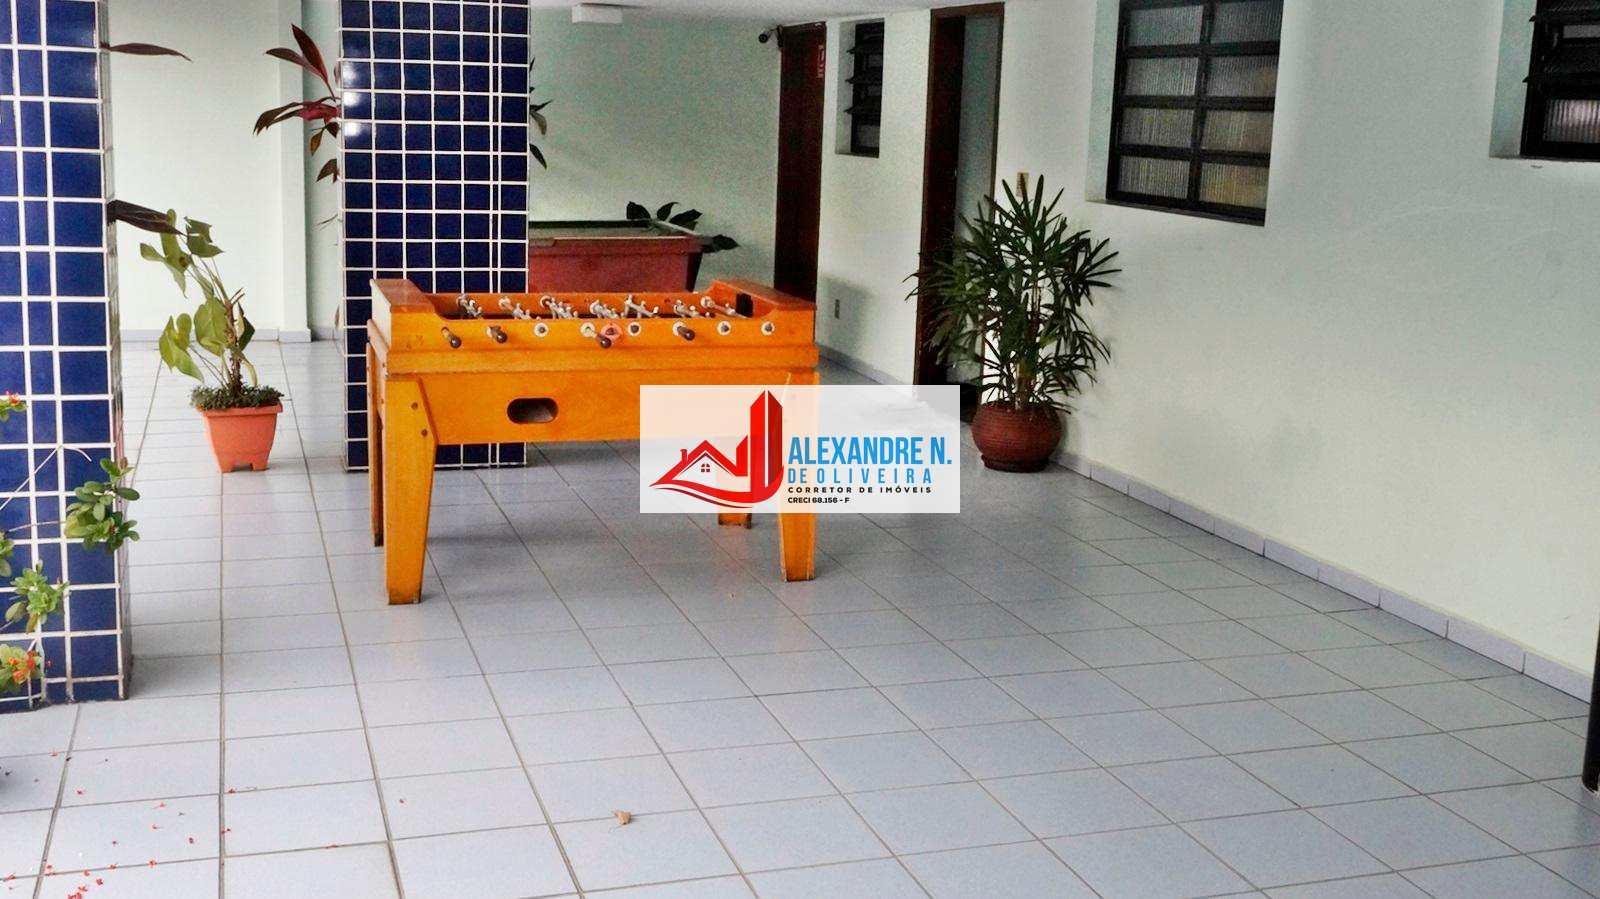 Apto 1 dorm, mobiliado, Ocian, Praia Grande, R$ 150 mil AP00610